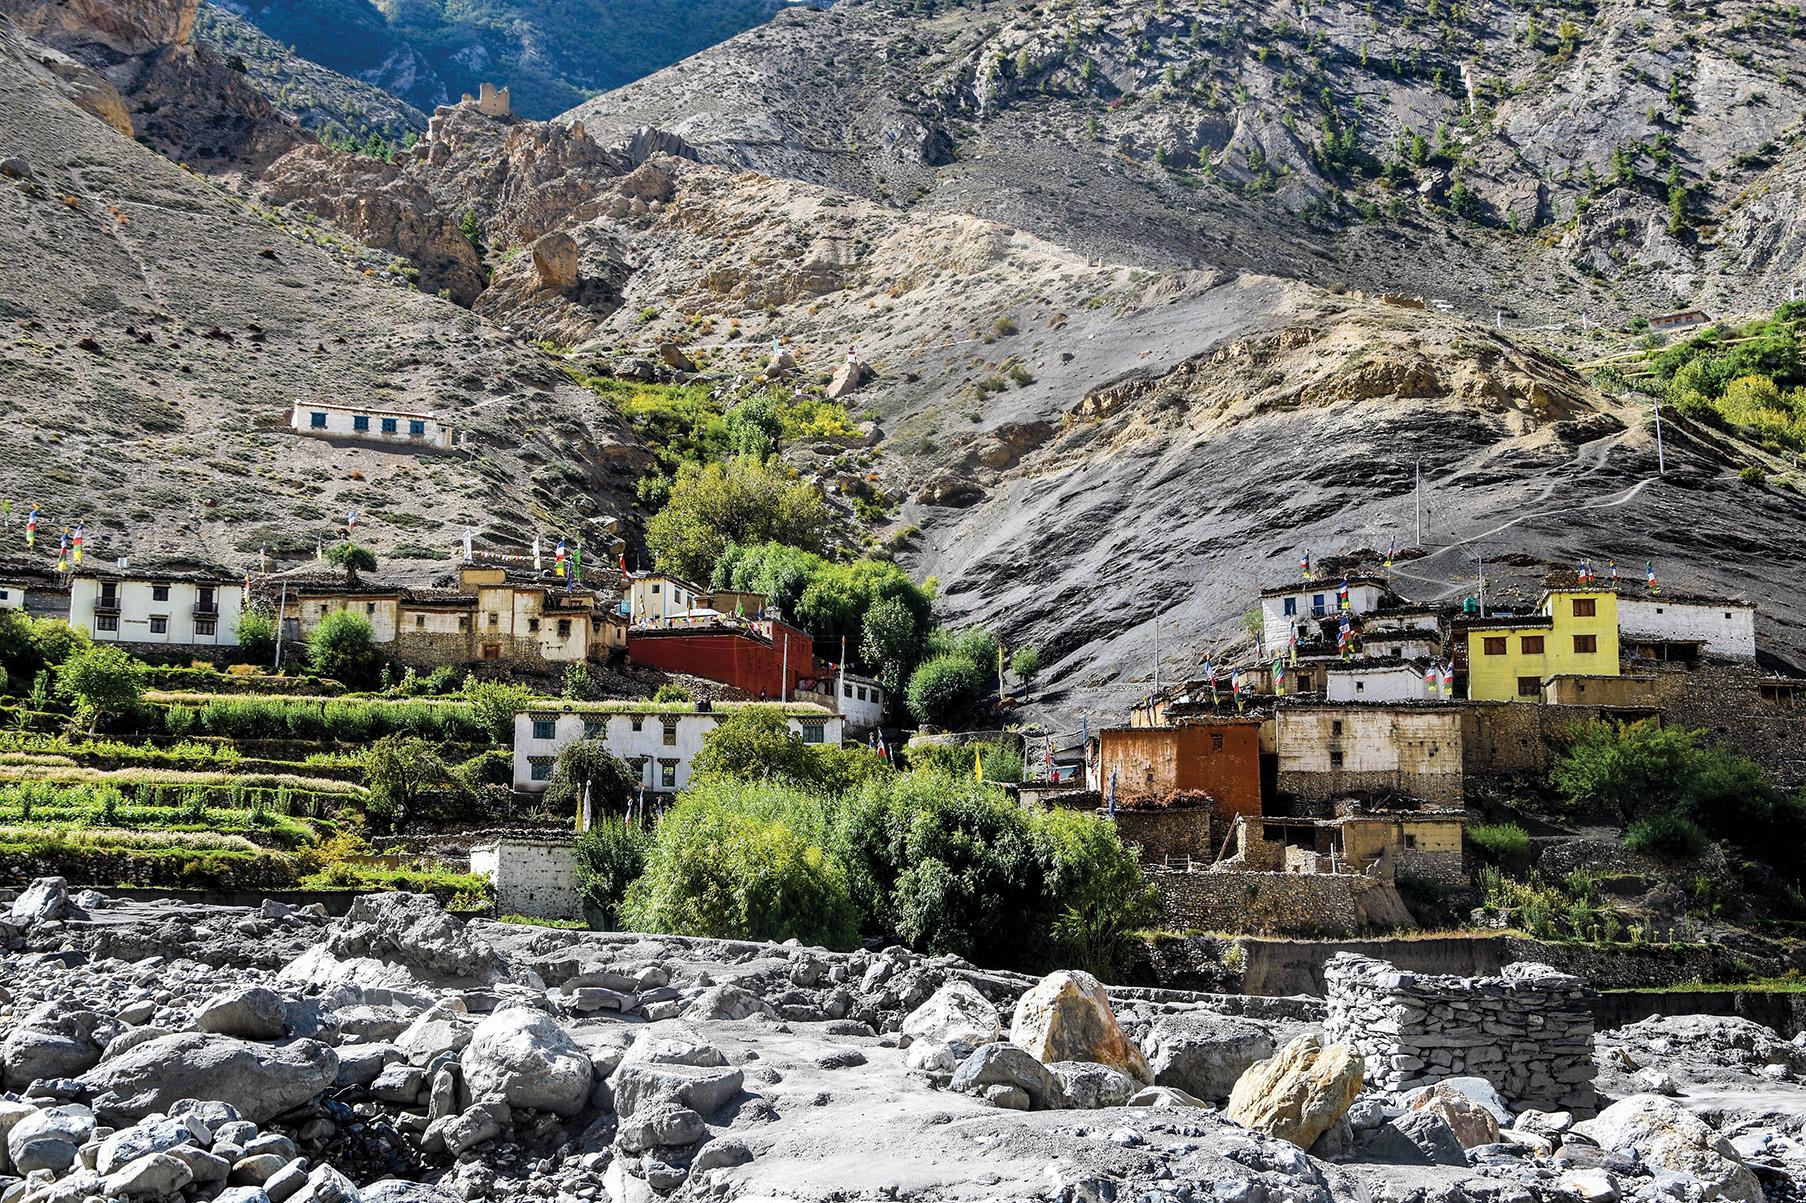 Lubra in Lower Mustang Region